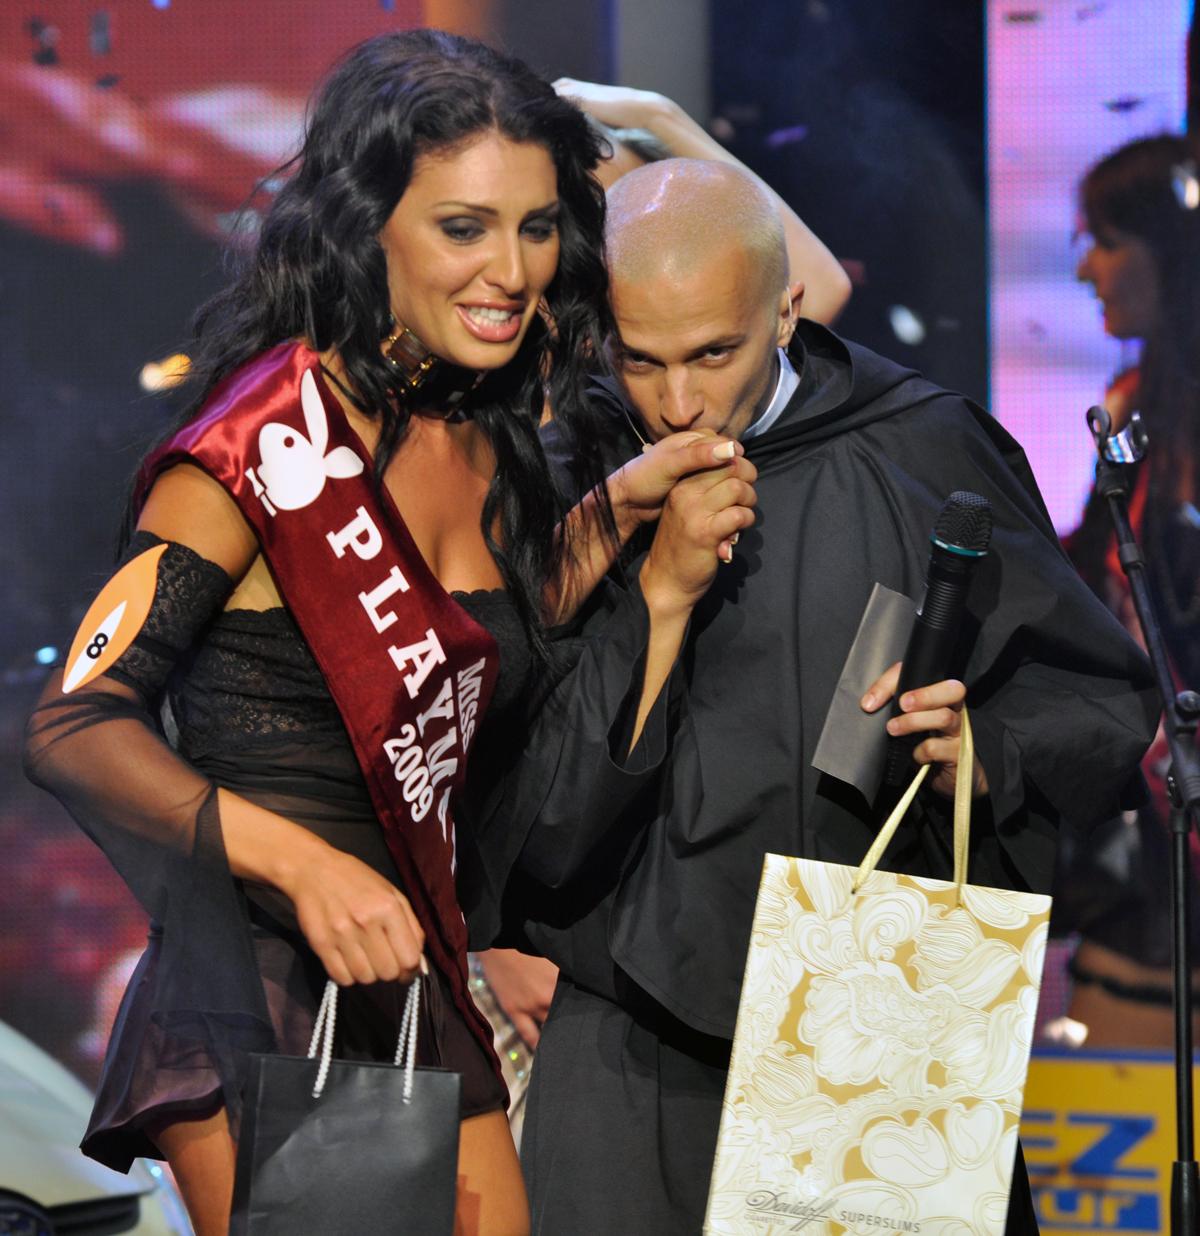 Златка Димитрова: От Dancing Stars 2 ми се подиграха